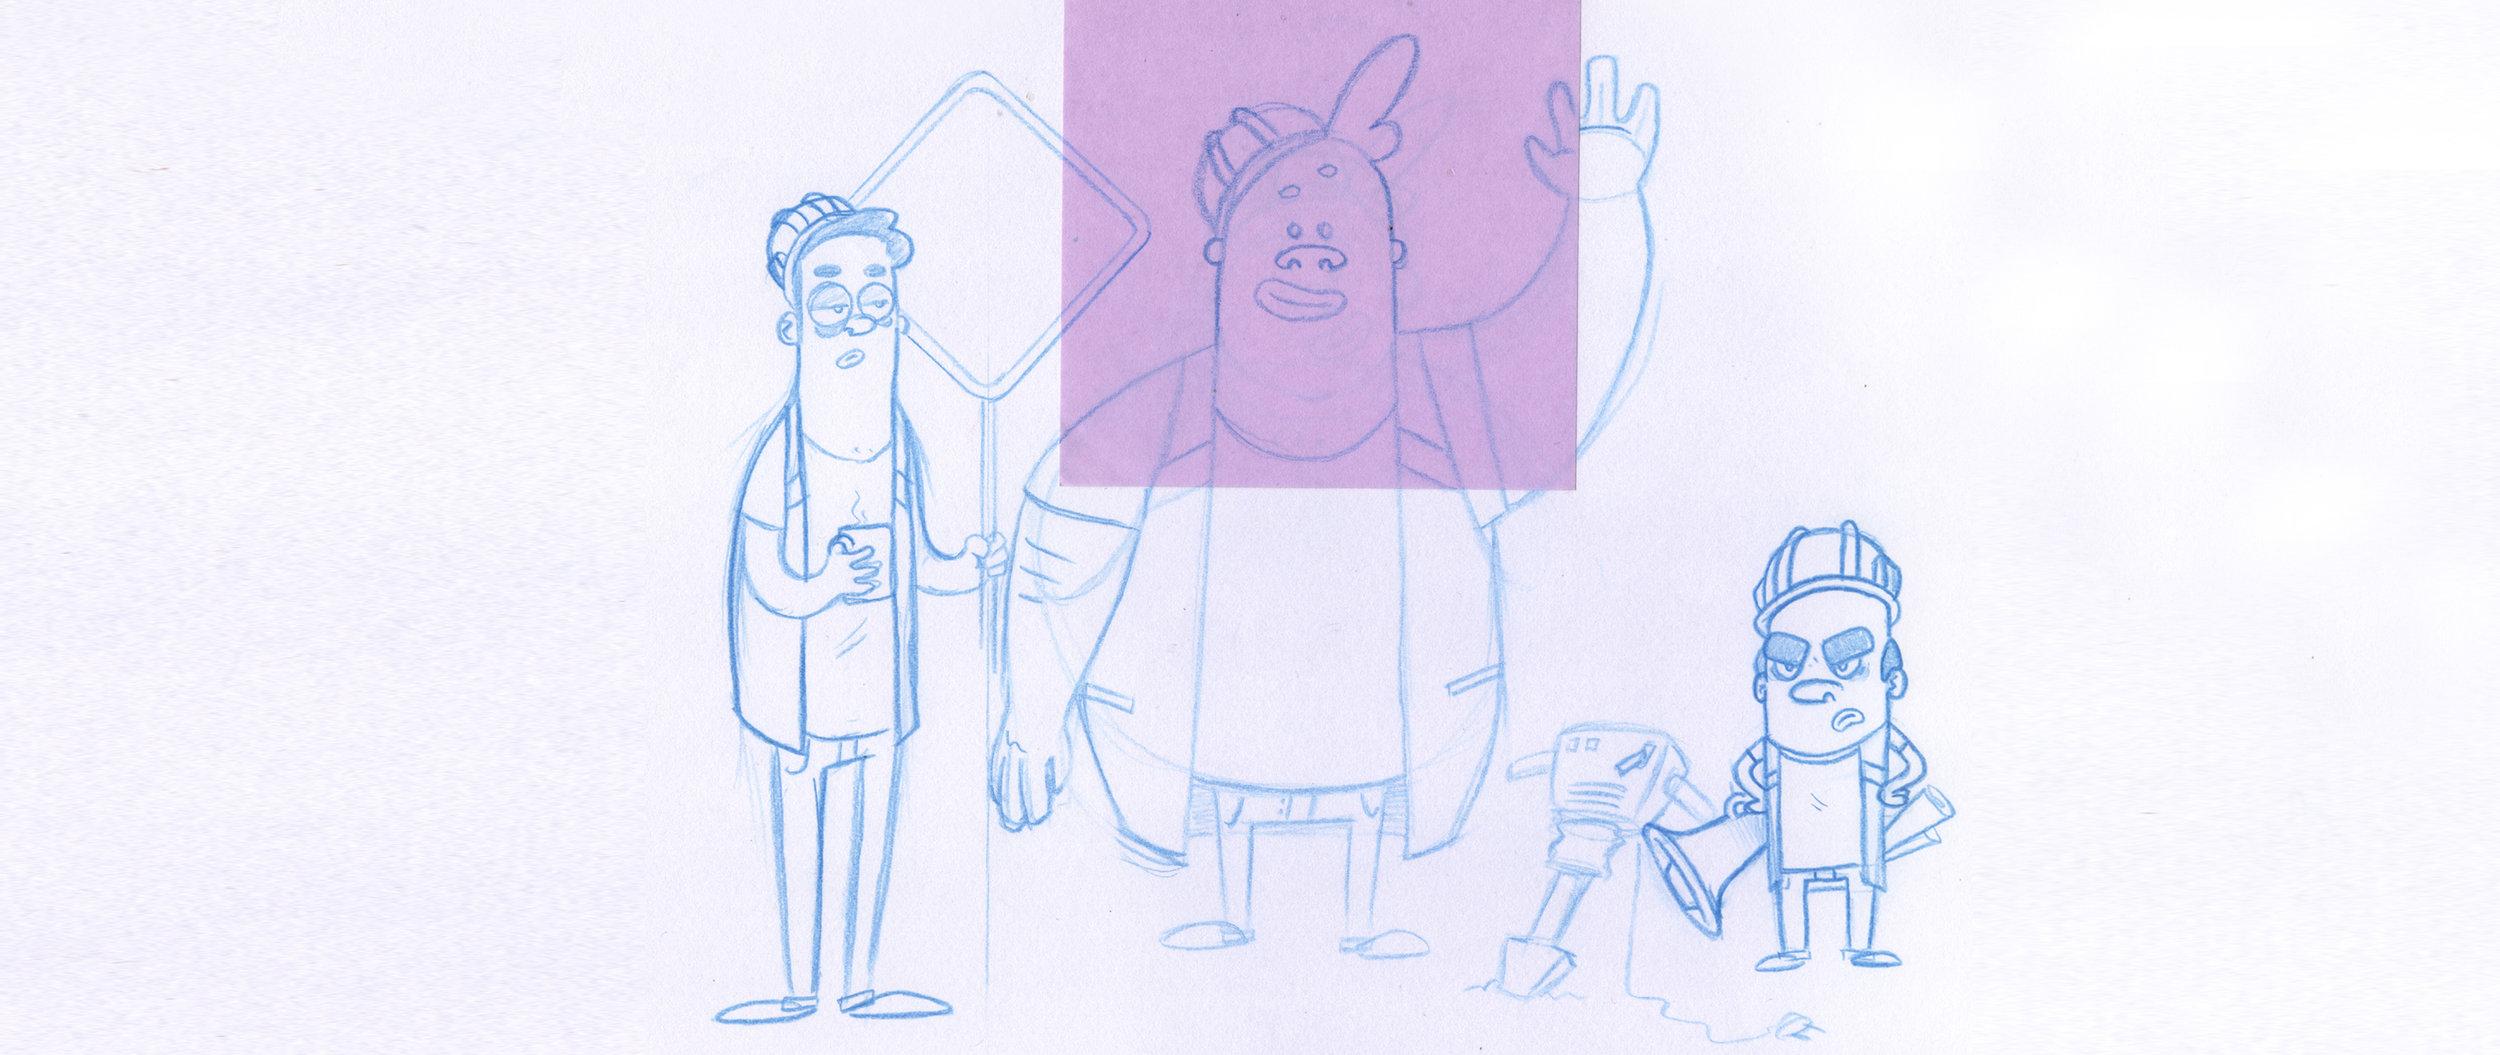 Roadworkers_Sketch.jpg